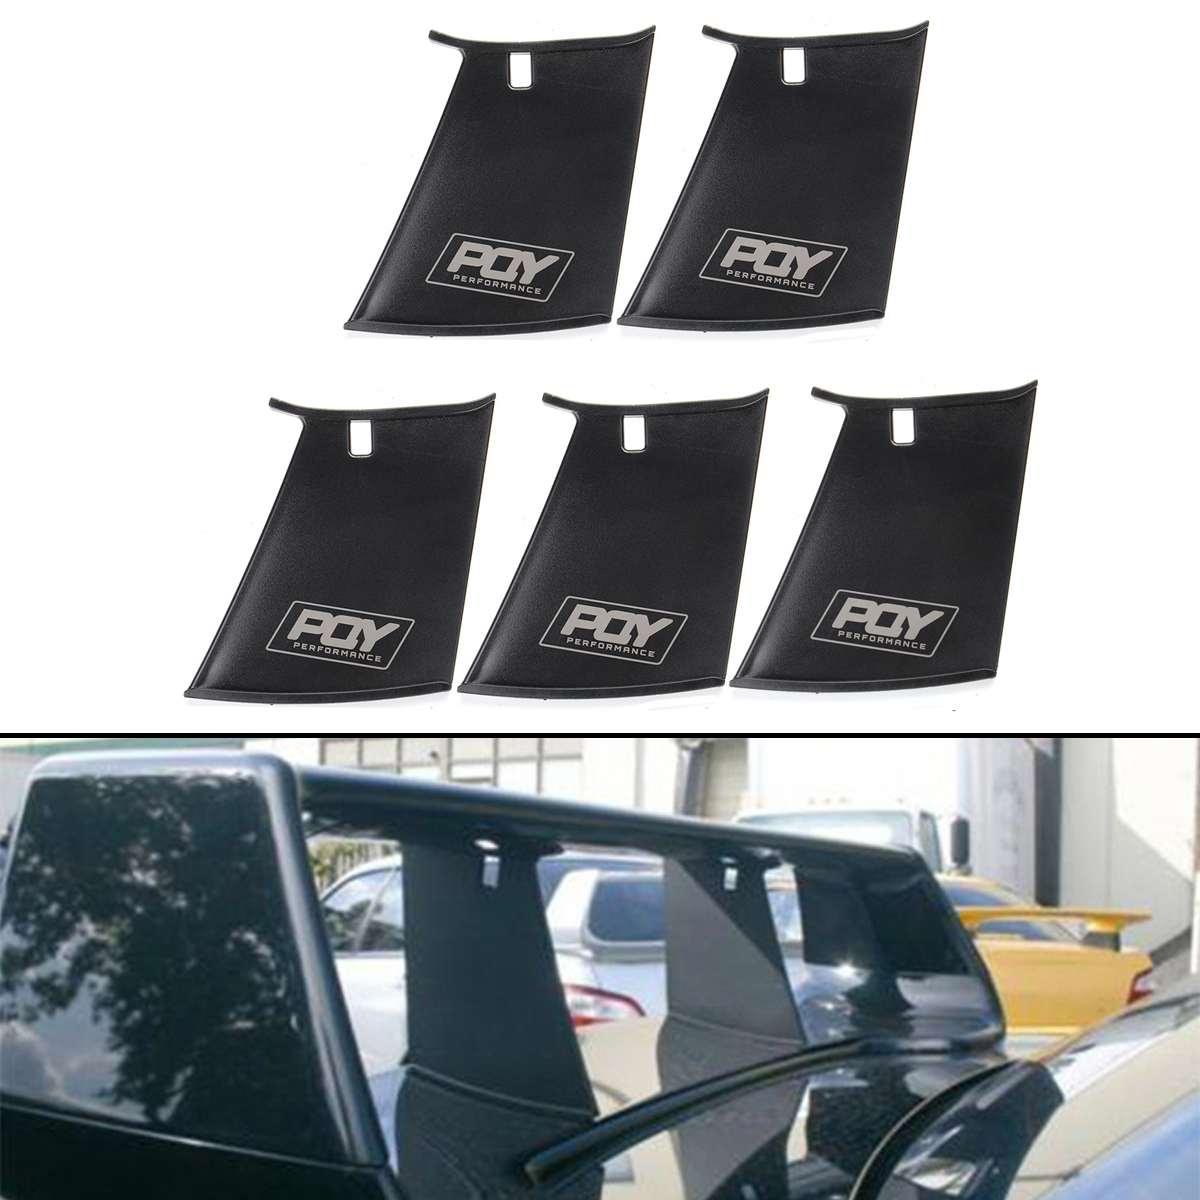 Yeni araba arka Spoiler kanat sabitleyici tampon standı için Subaru Impreza 2002-2007 WRX STi Stiffi kanat Spoiler destek sabitleyici